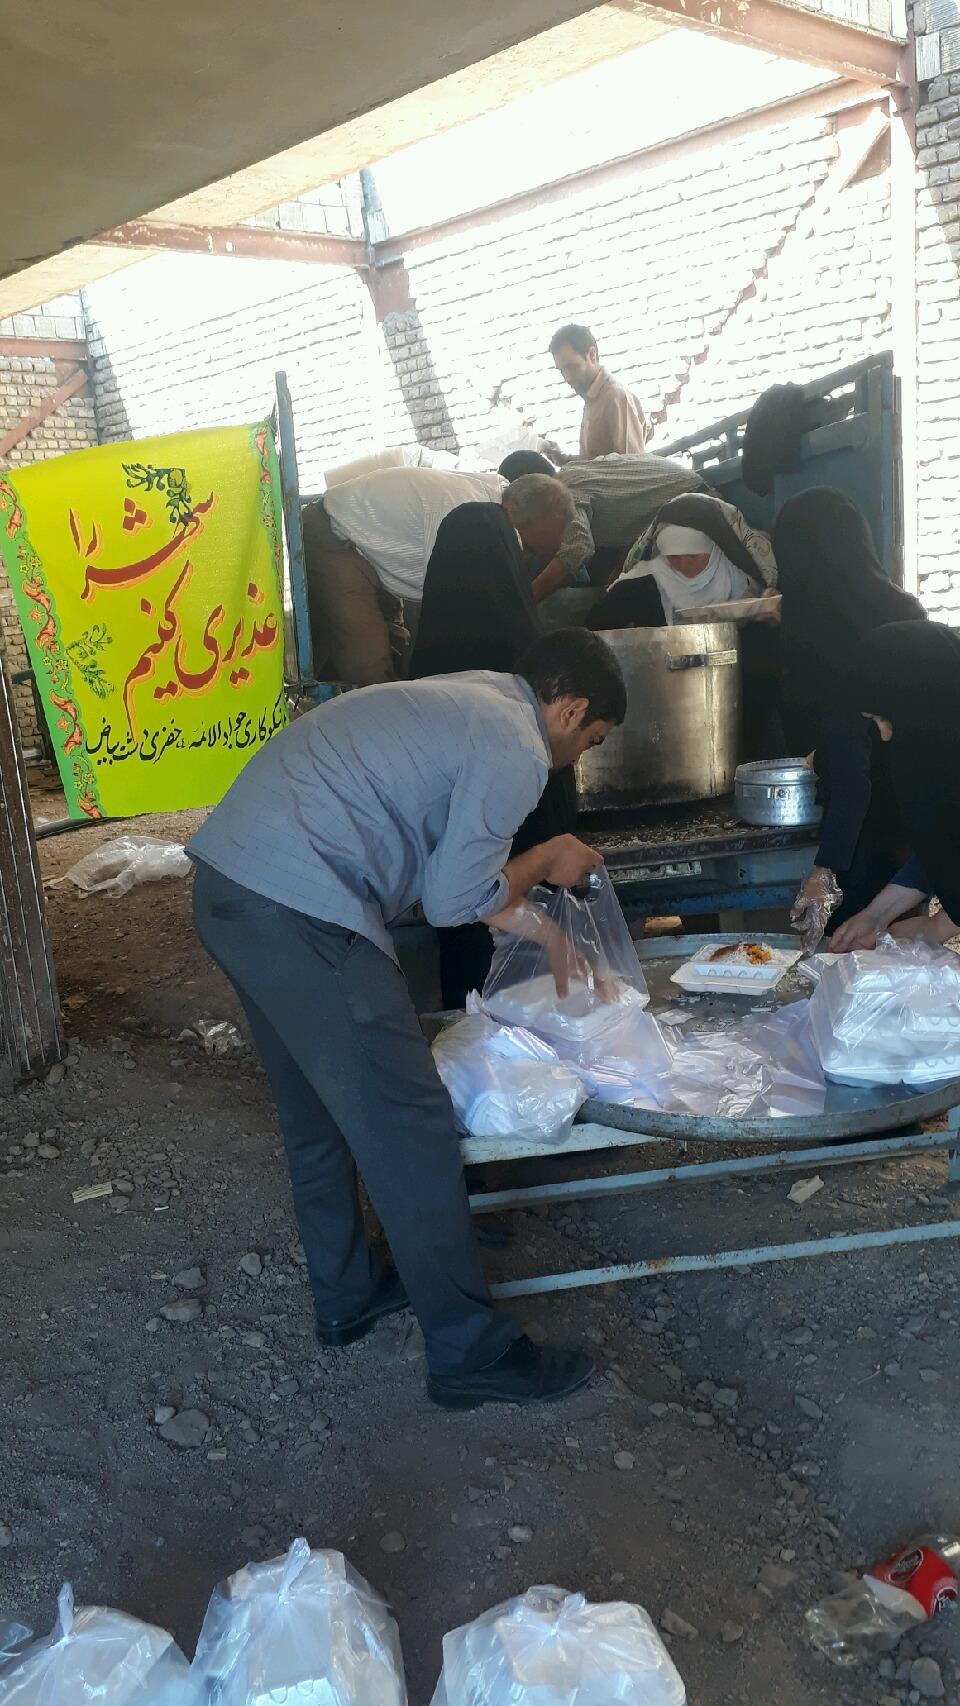 توزیع 430 پرس غذای غدیر بین نیازمندان خضری دشت بیاض